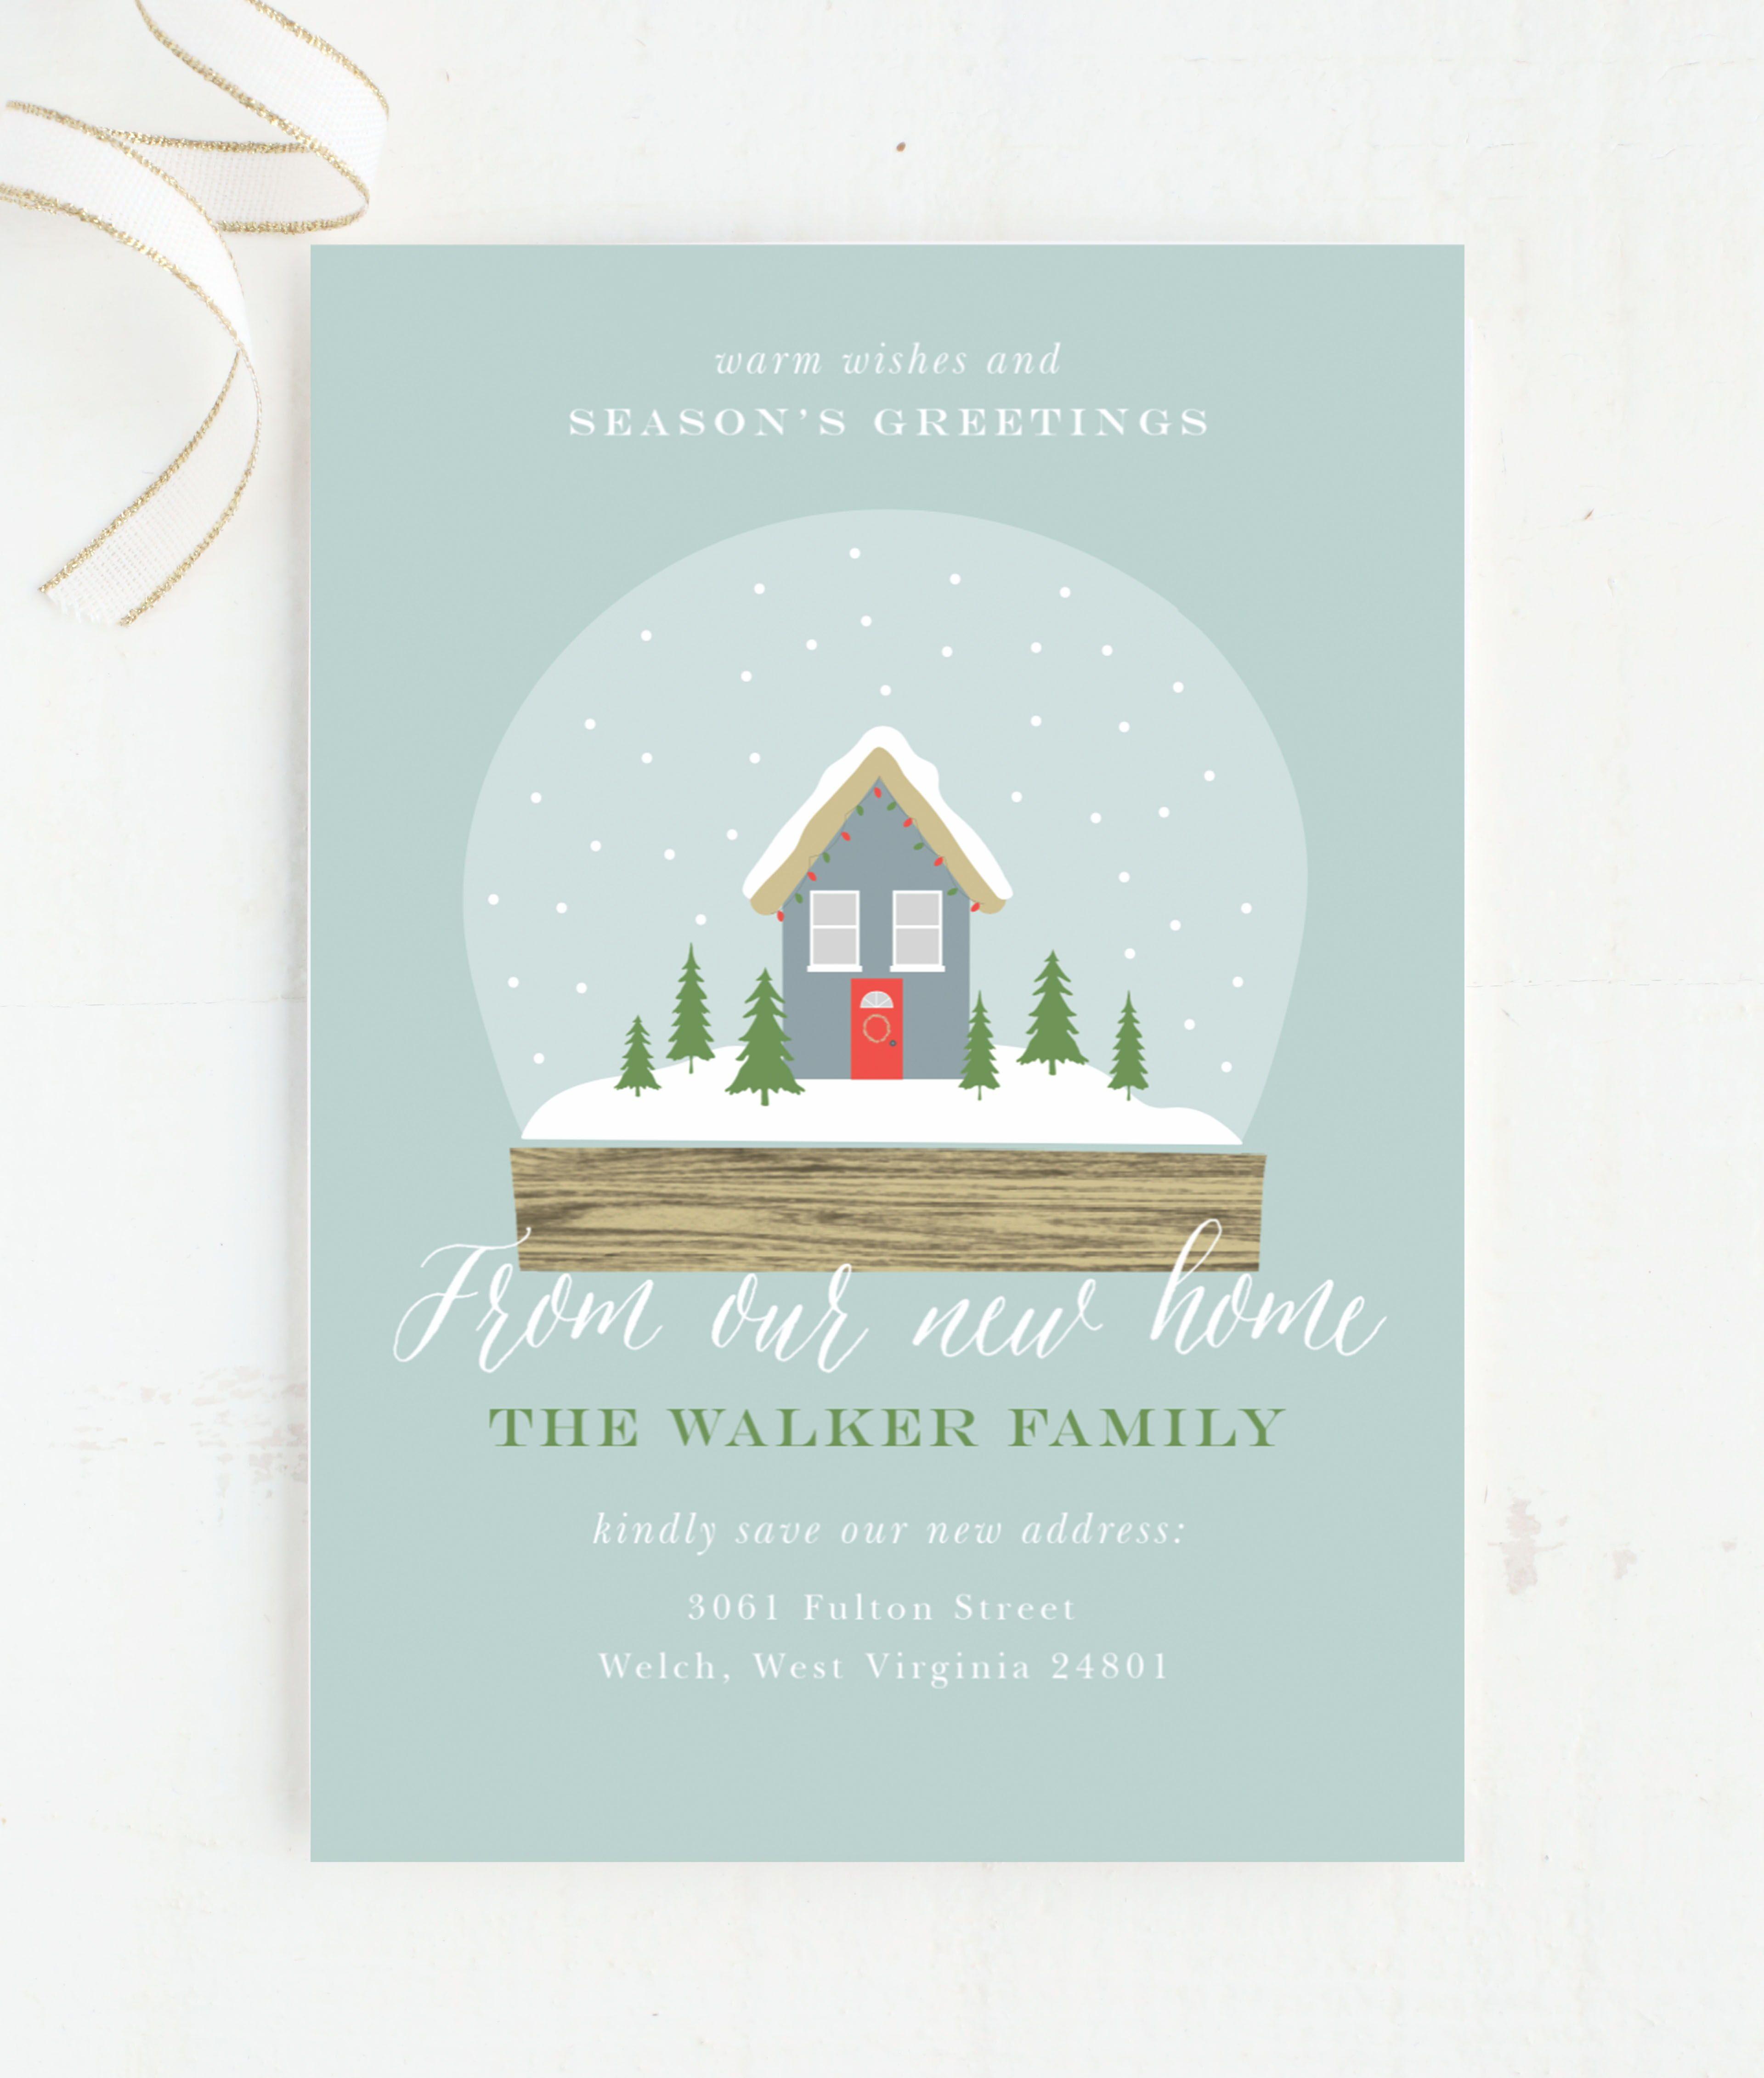 Snow Globe House Christmas Card Holiday Card Photo Christmas Card Cute Christmas Car Moving Christmas Cards Custom Christmas Cards Family Christmas Cards